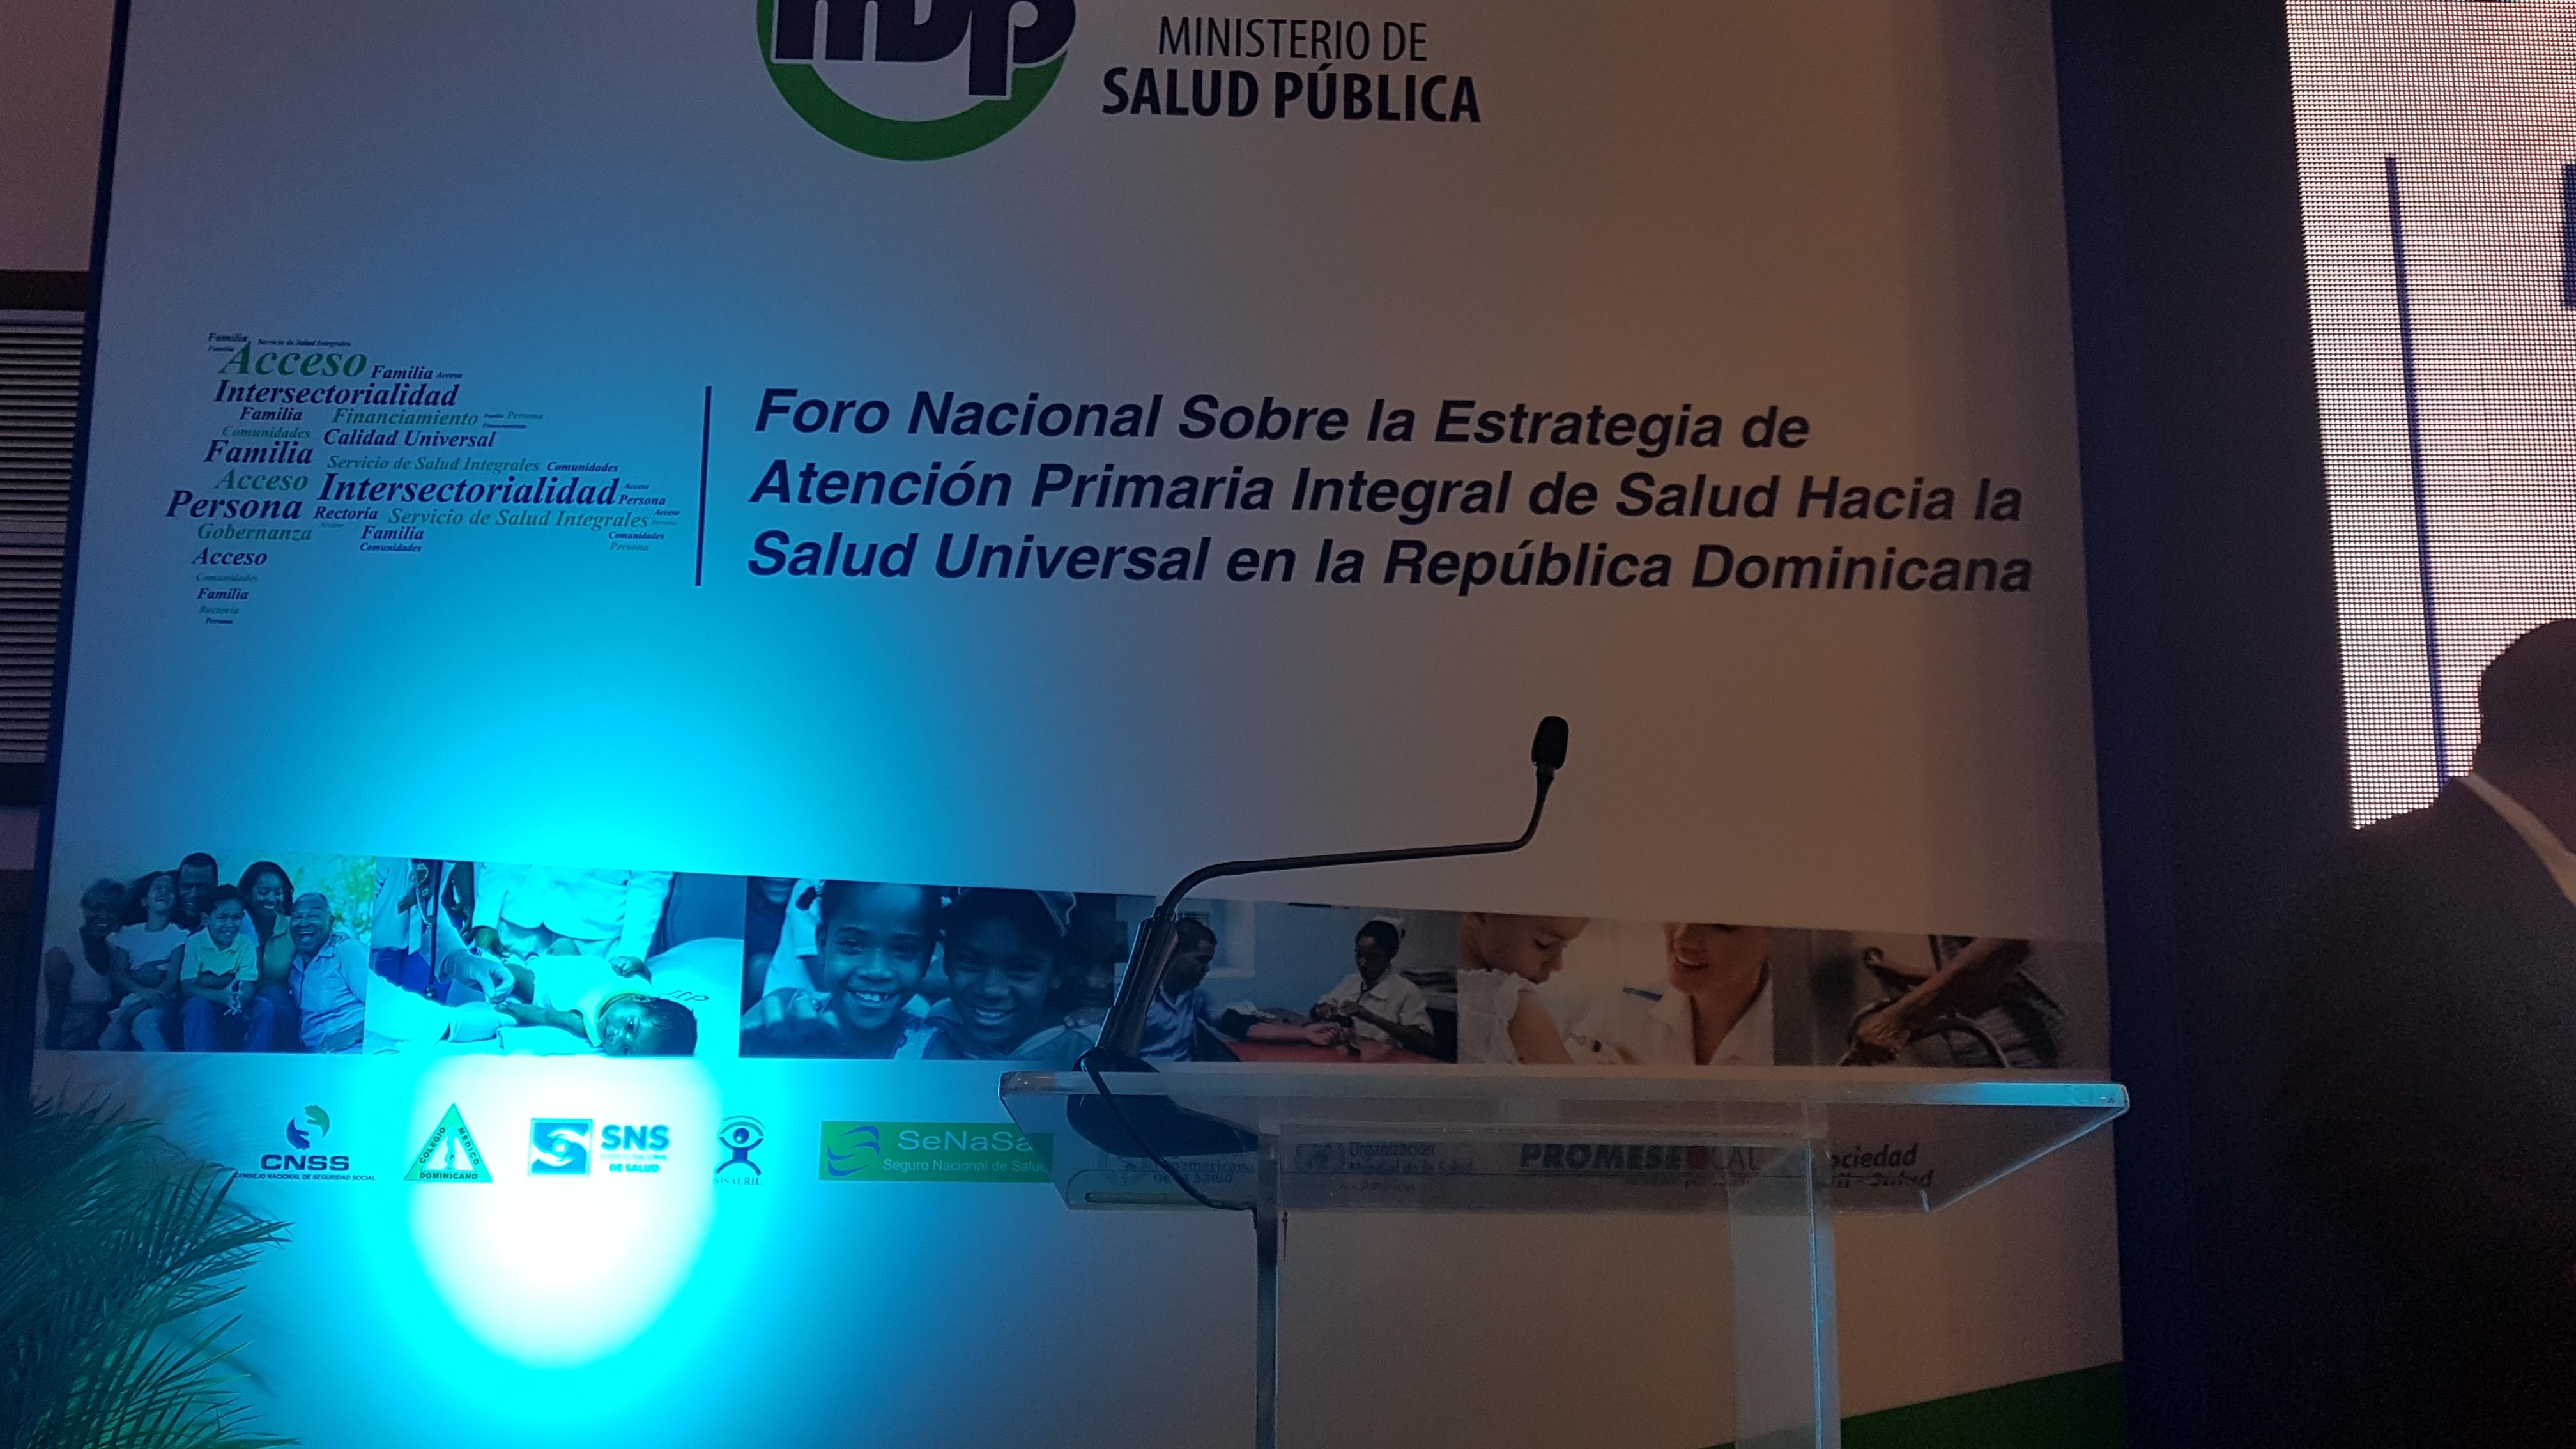 El SRS El Valle participa en Foro Nacional sobre Estrategia de Atención Primaria Integral en Salud